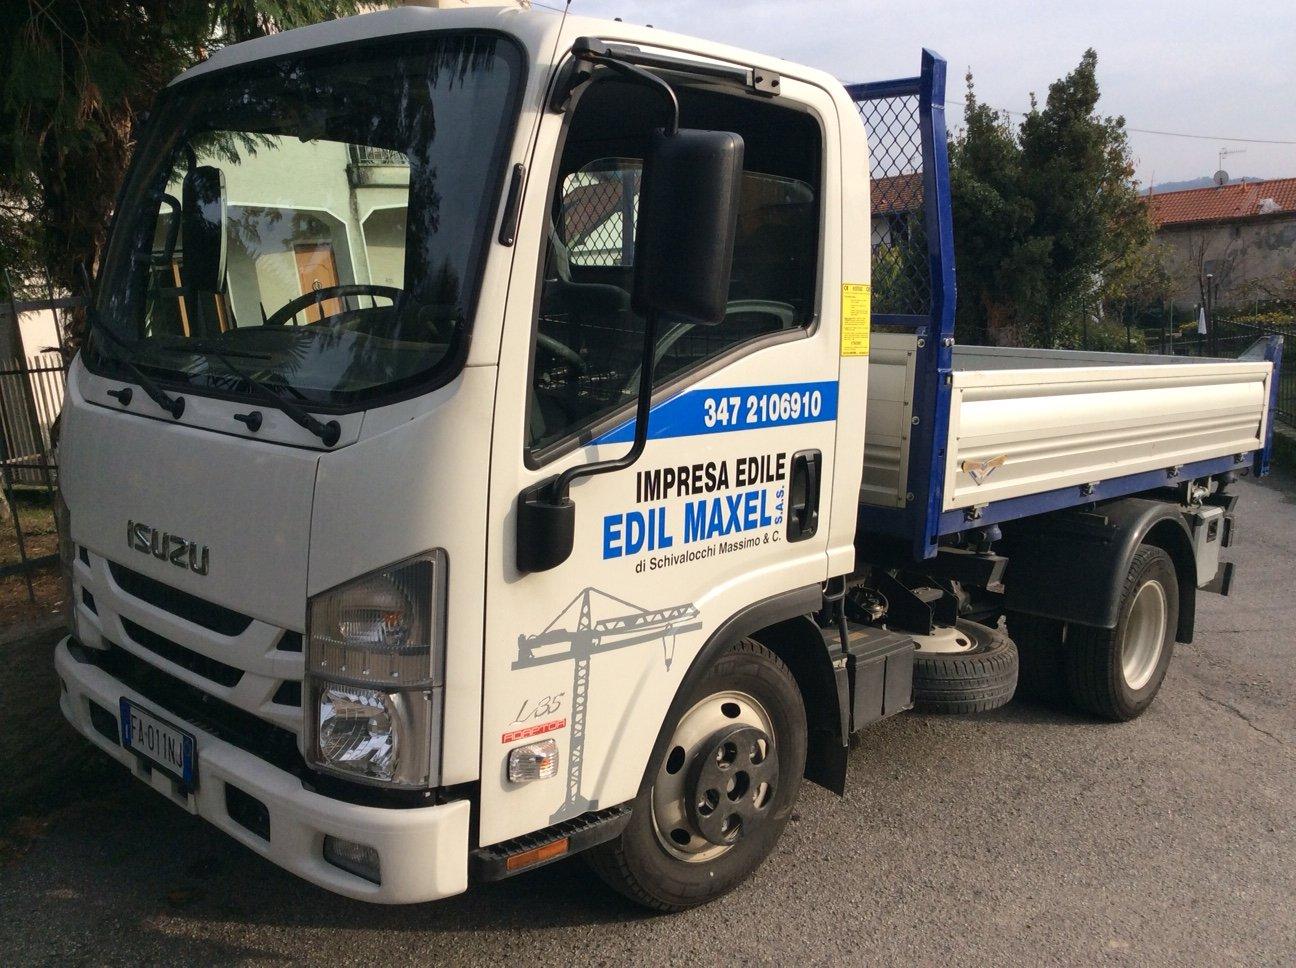 camioncino con insegna